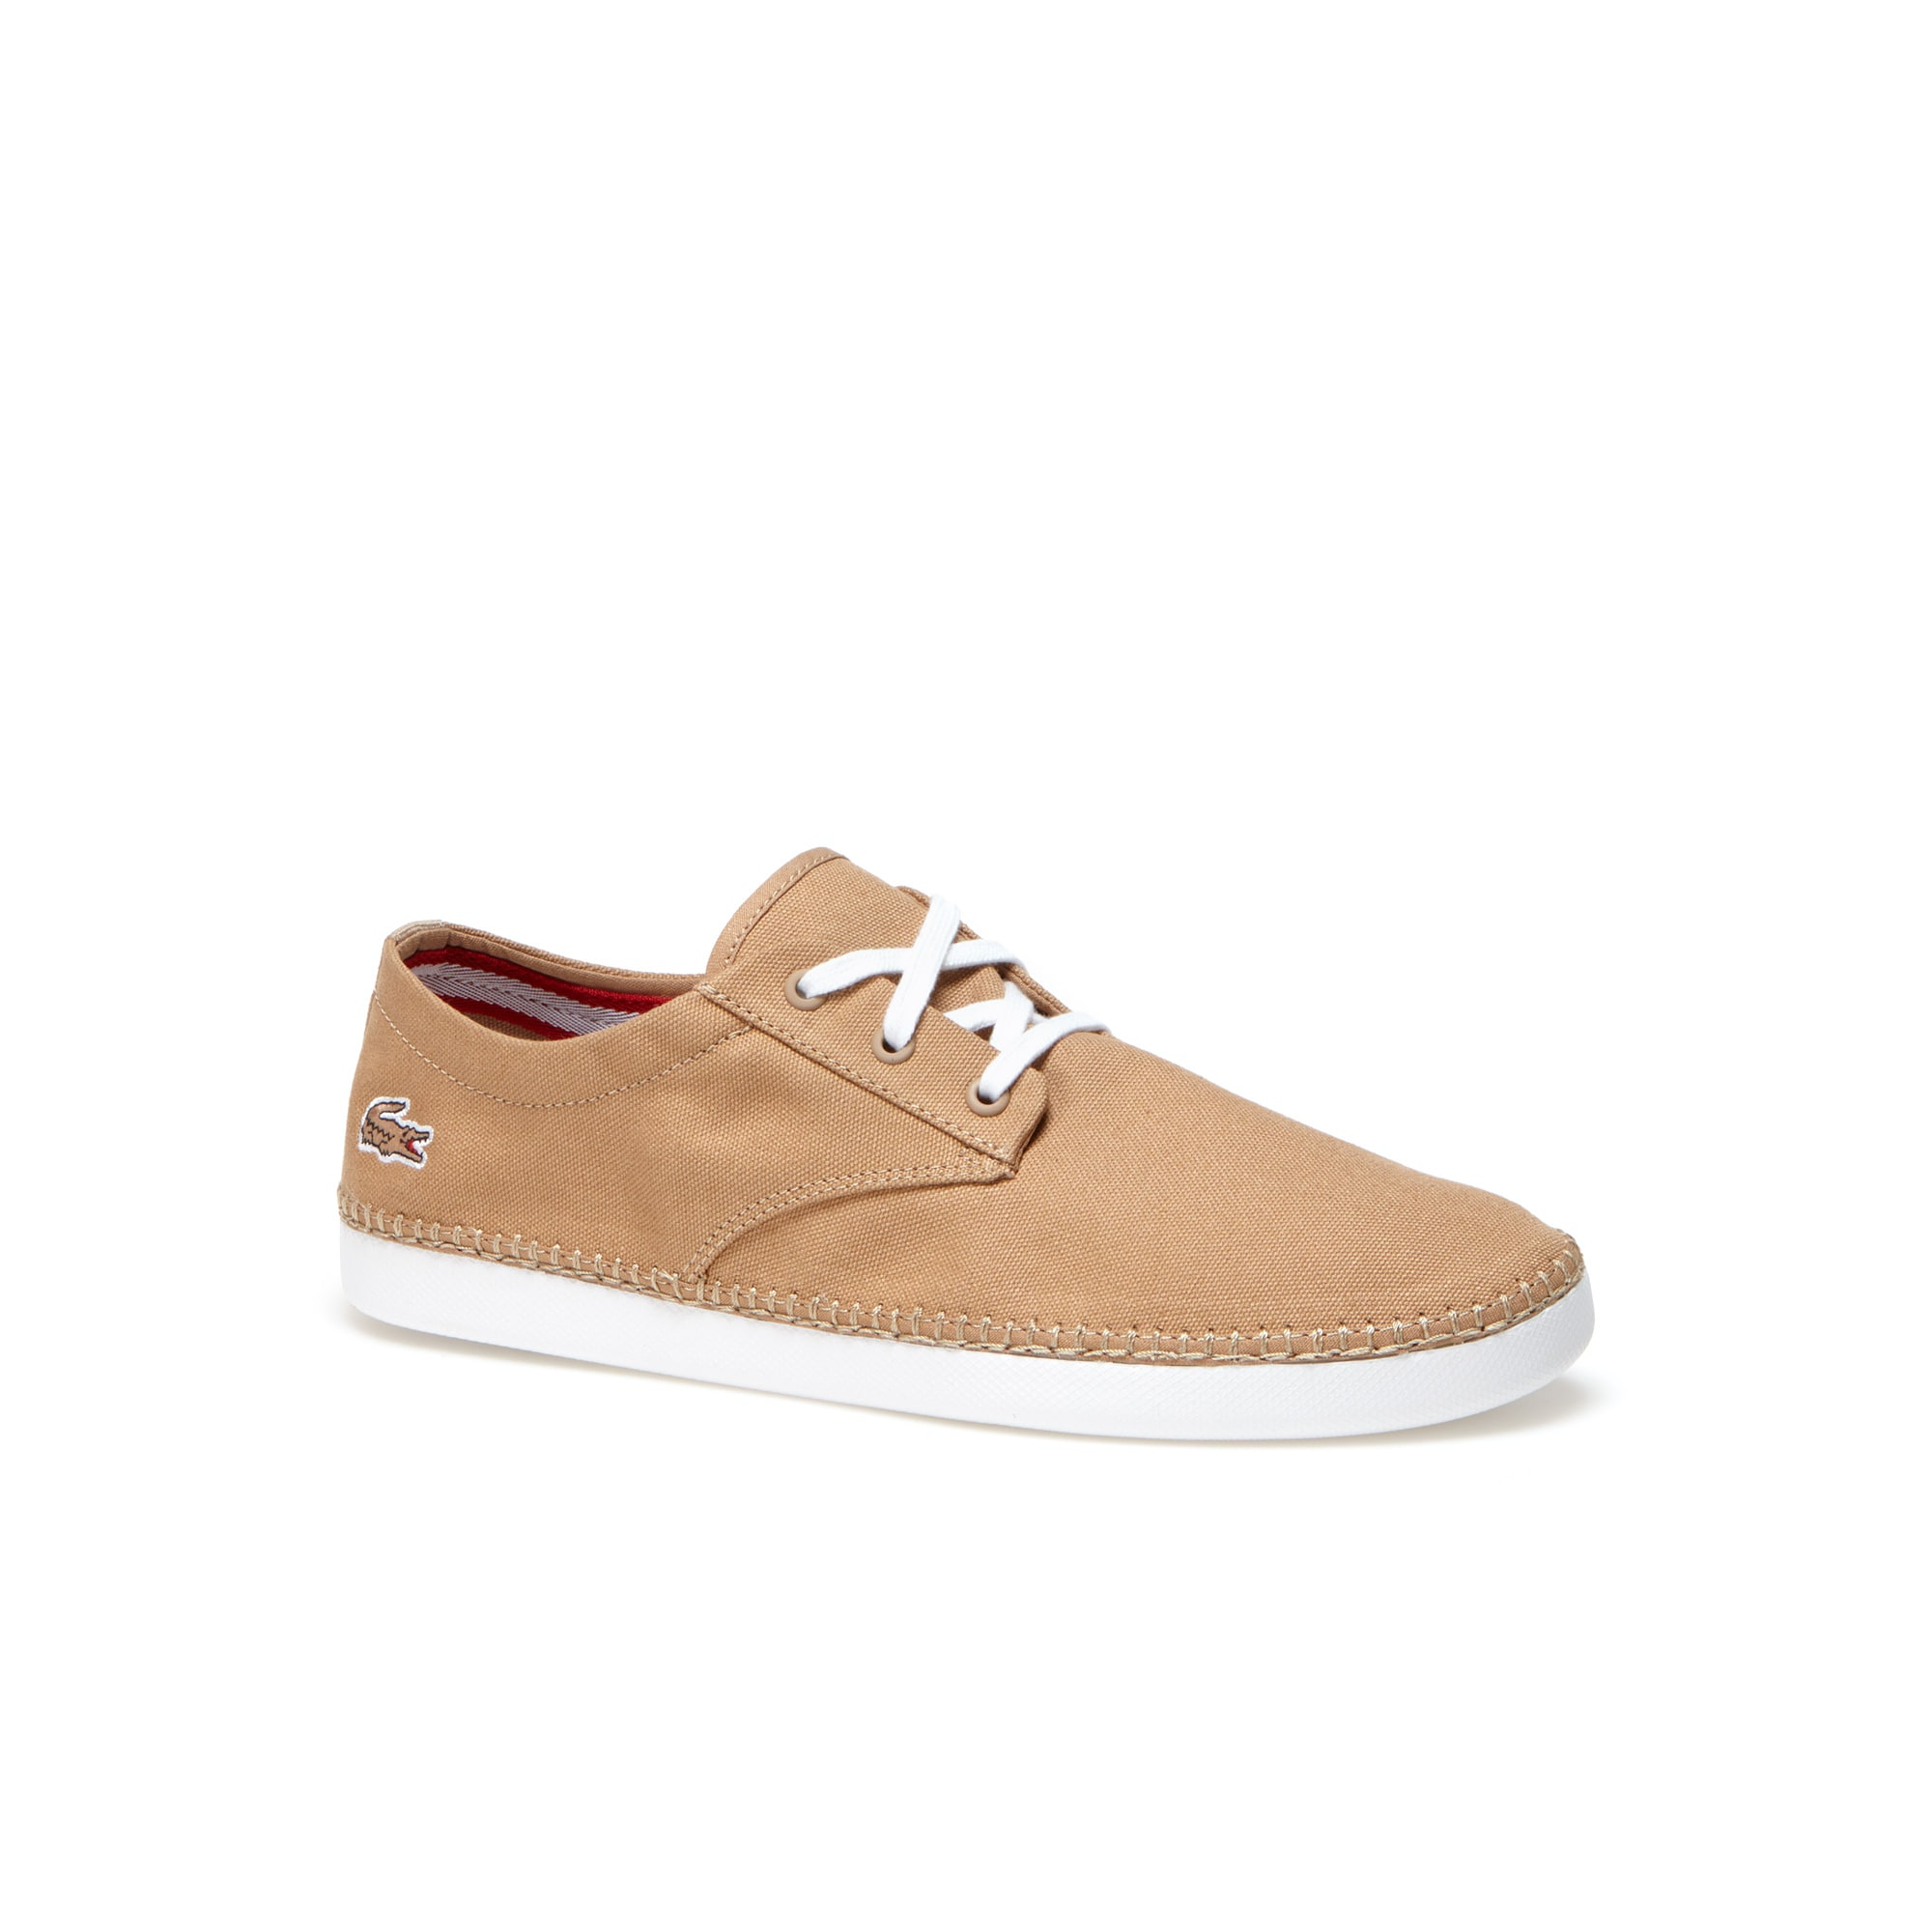 Herren-Schuhe L.YDRO aus Canvas